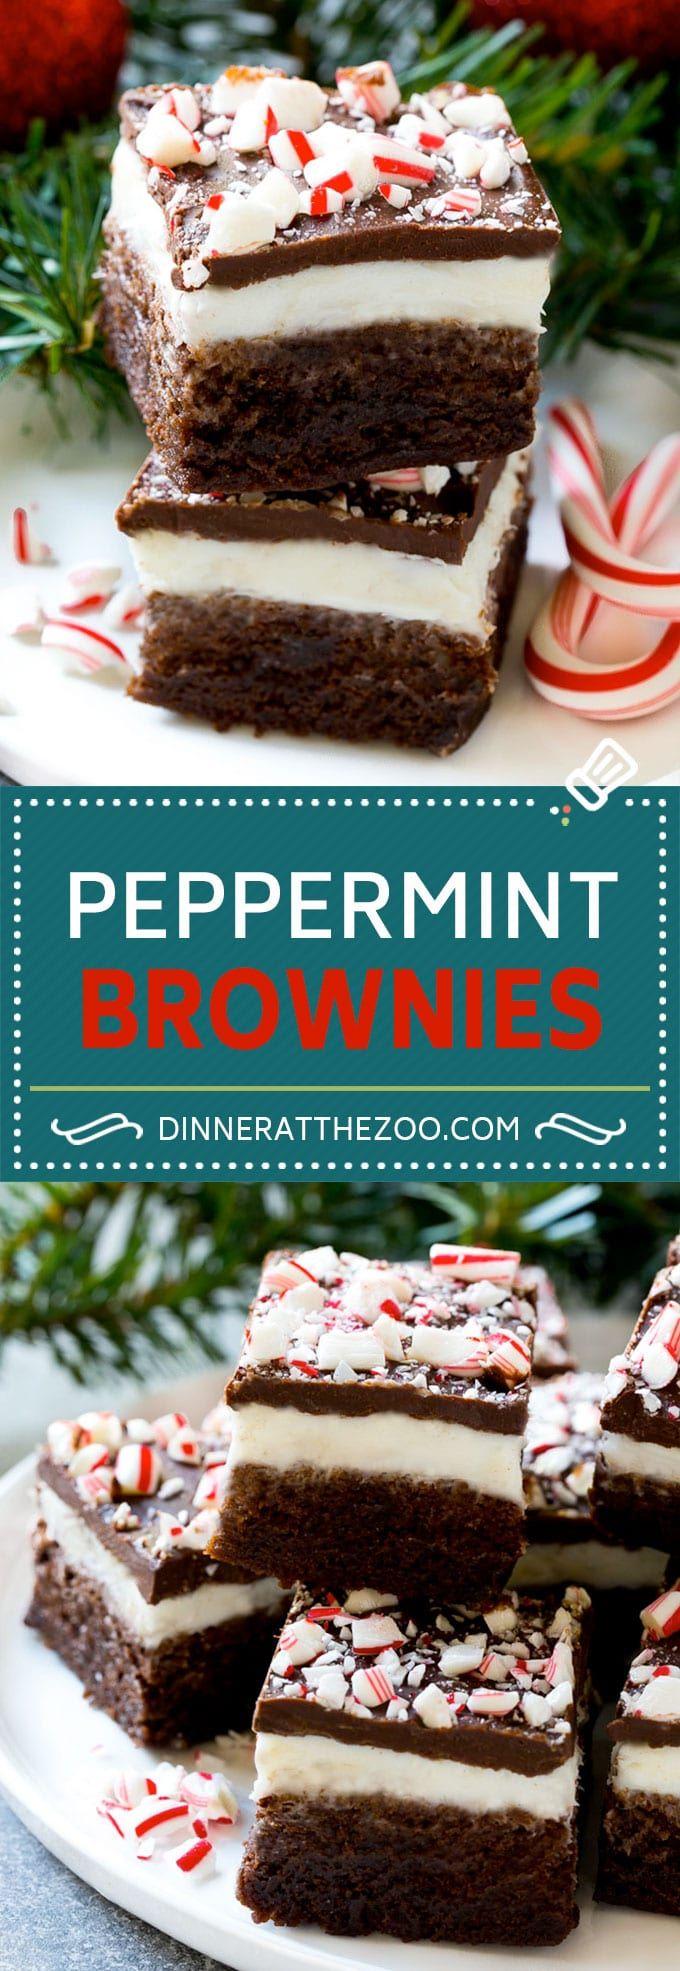 Peppermint Brownies Peppermint Brownies Recipe | Holiday Brownies | Candy Cane Brownies | Mint Brow